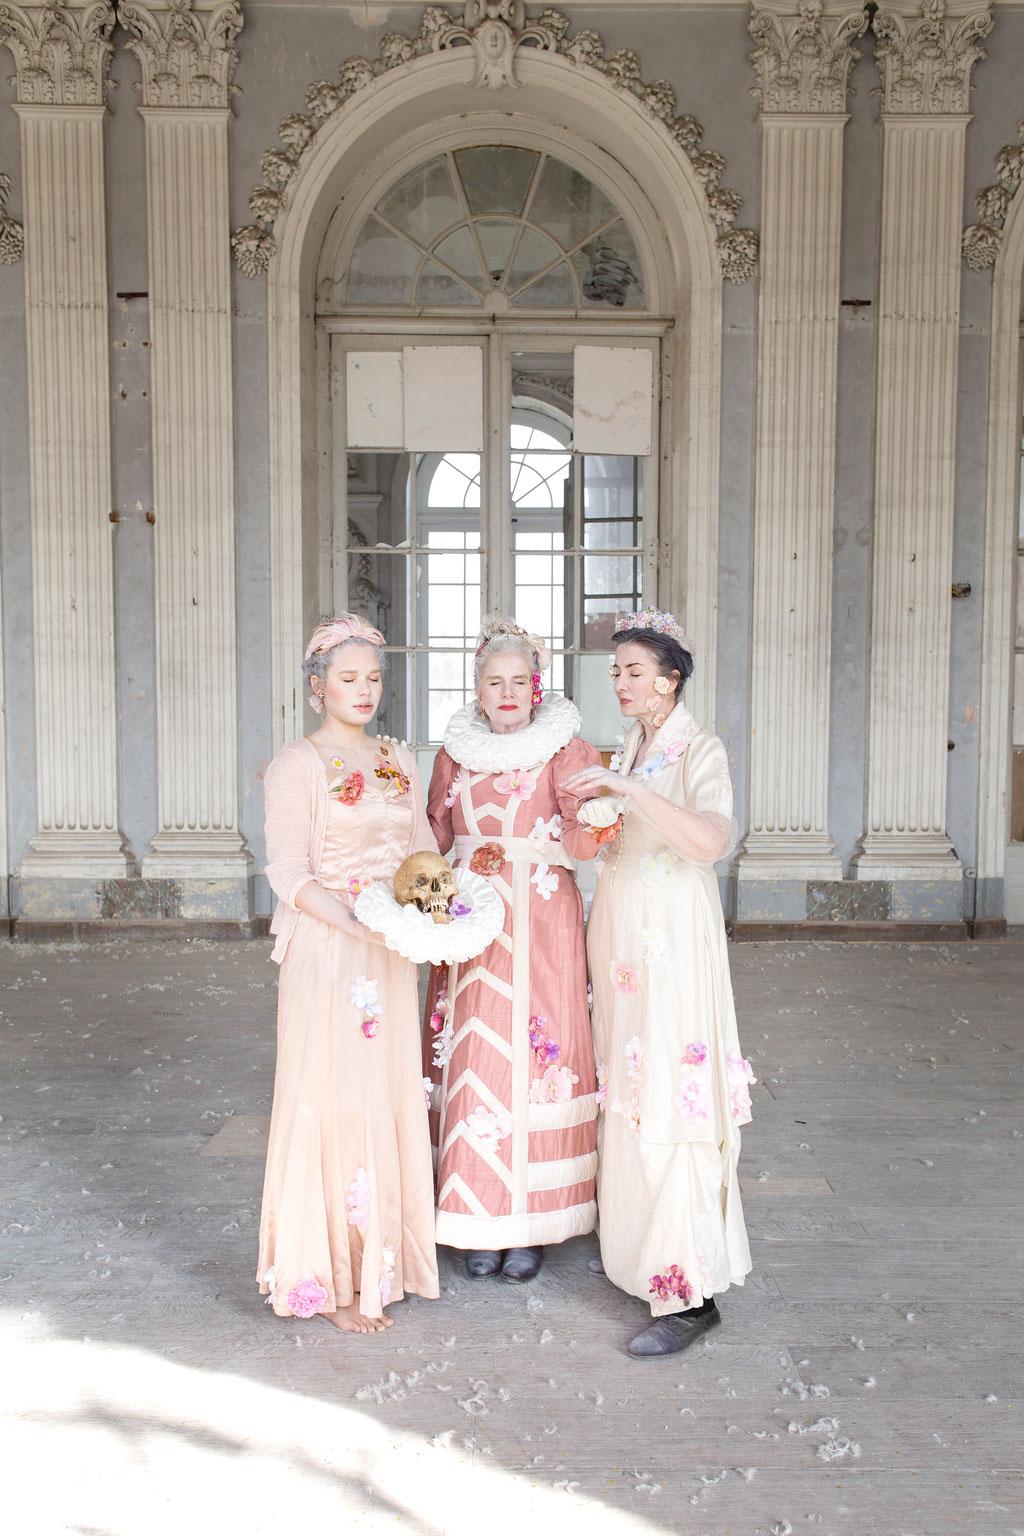 Trois femmes, March 2018, Belgium